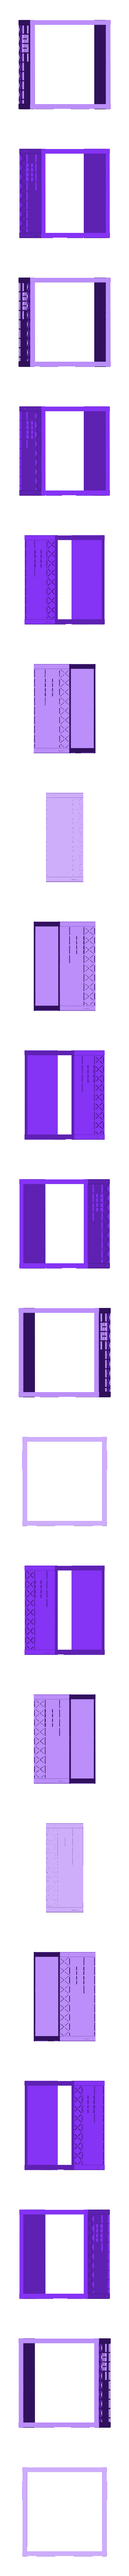 tudor_house_FF.stl Télécharger fichier STL gratuit Maison de Wargaming à deux étages, style Tudor • Modèle pour imprimante 3D, Wrecker